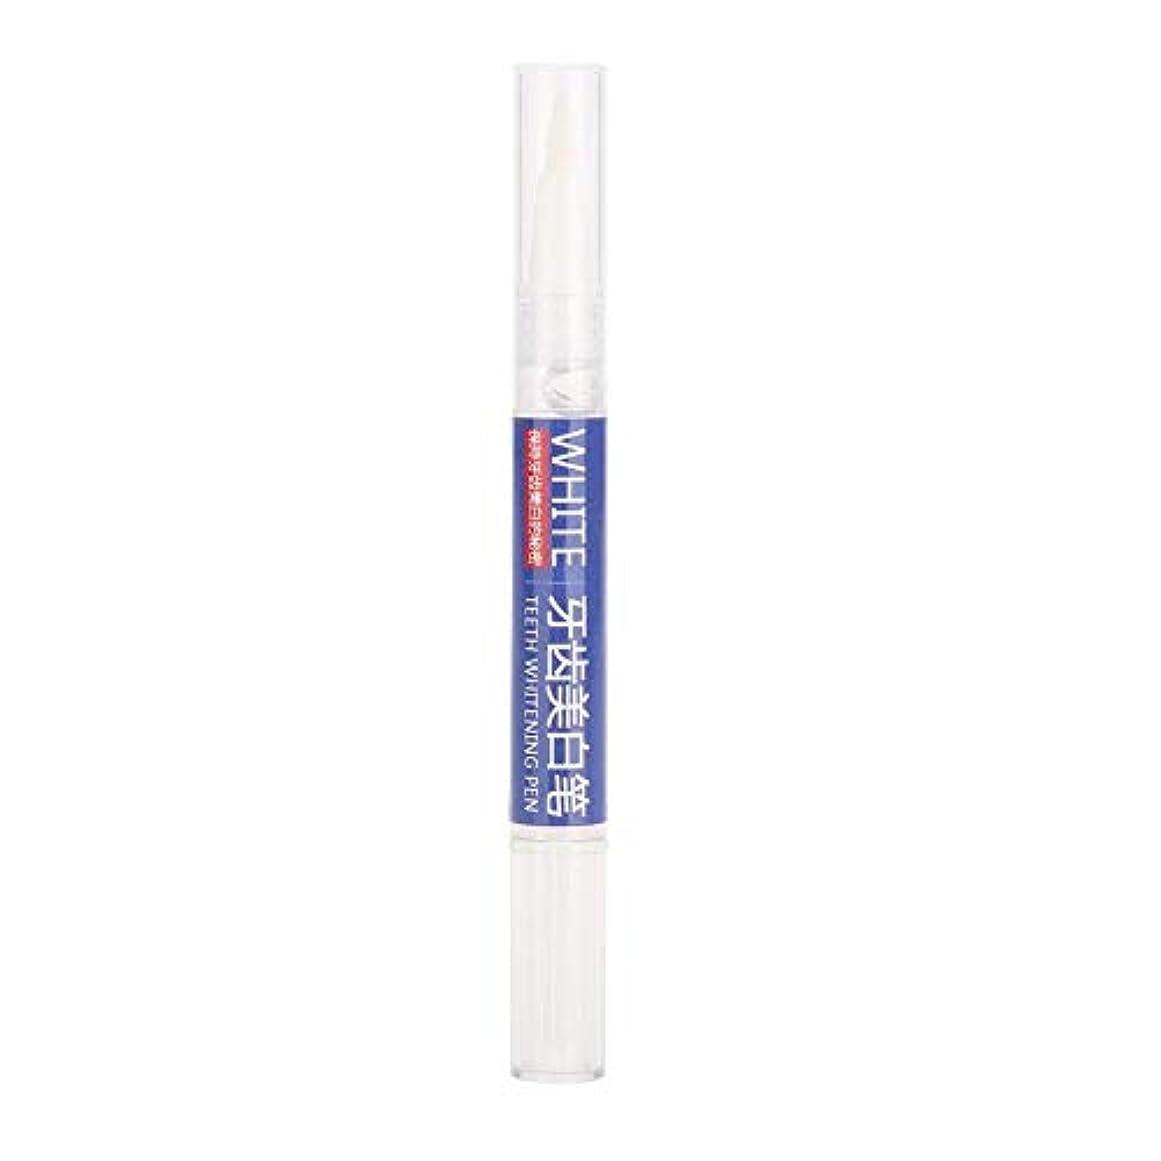 。混乱恐れるホワイトニングトゥースペン3mlイエロートゥースシガレット汚れ除去ホワイトニングホワイトニングトゥースジェルペン